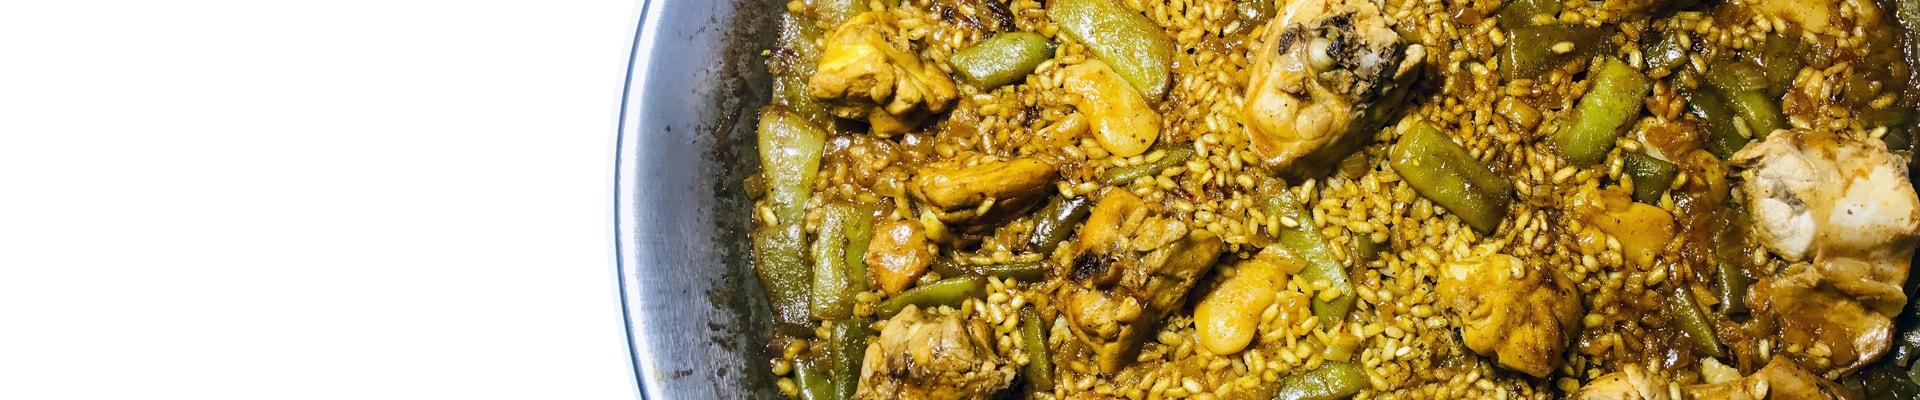 Изображение традиционная кухня Испании и Майорки , паэлья